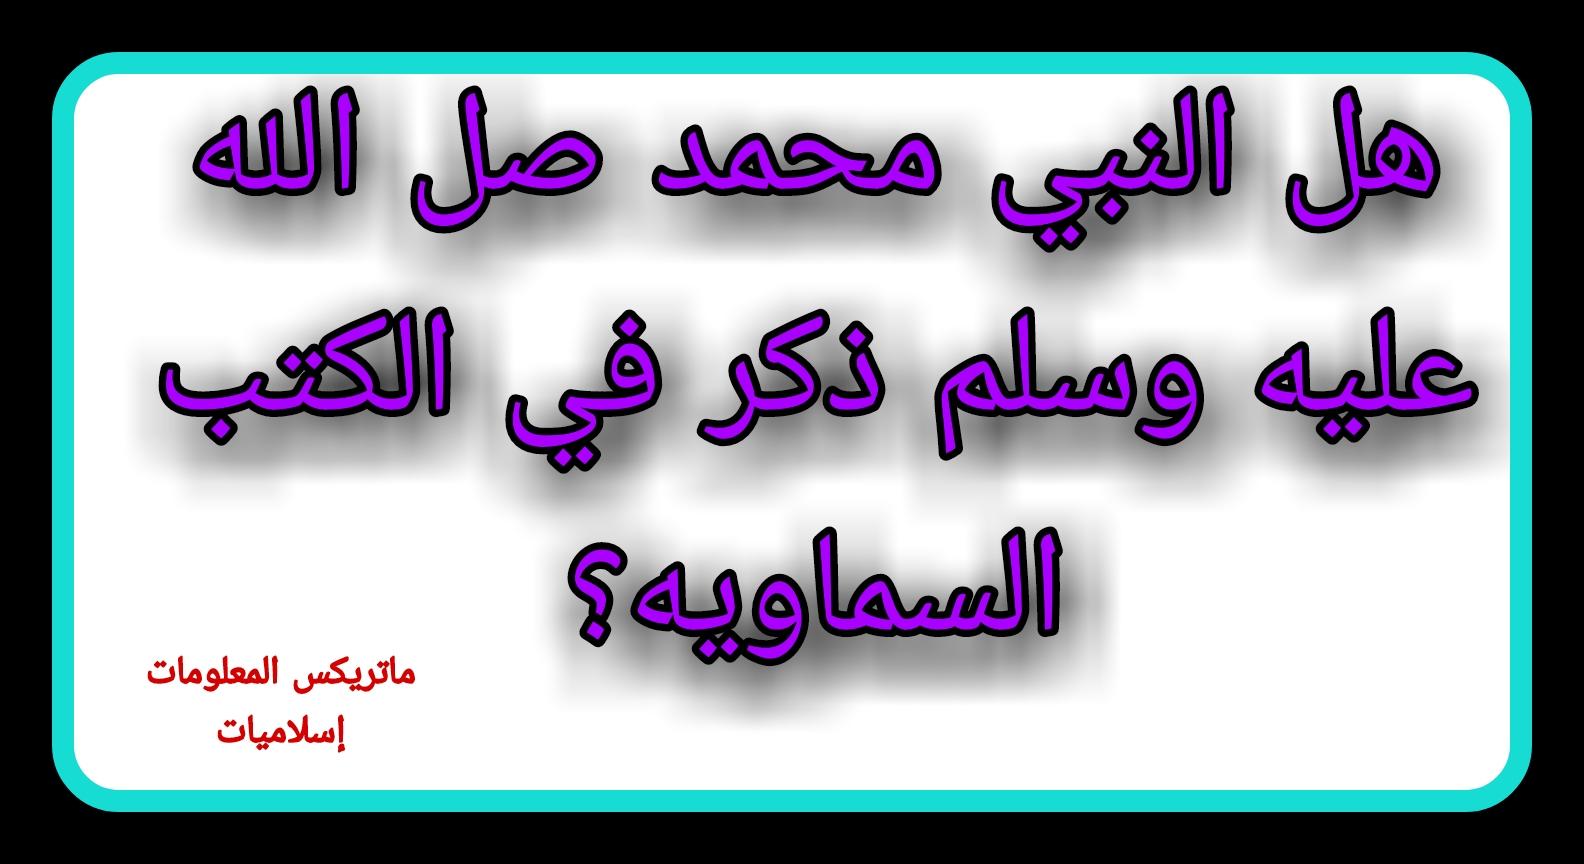 ذكر النبي محمد في الكتب السماوية | الحديث عن النبي | قصص الانبياء